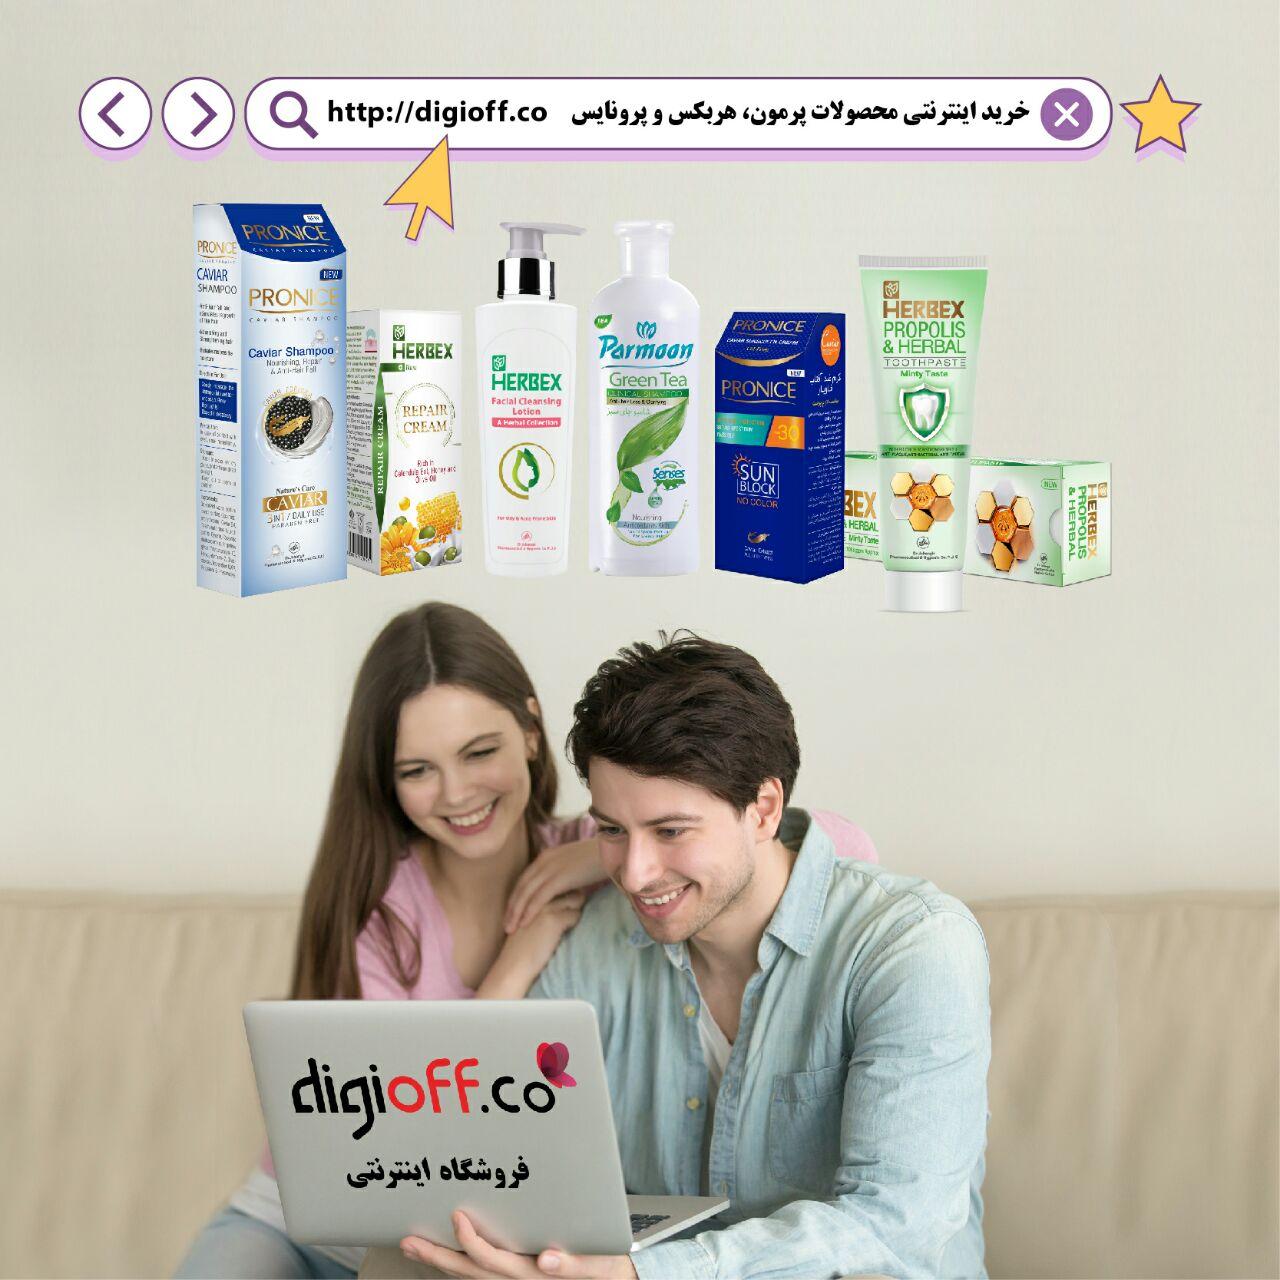 Digioff.co یک فروشگاه معمولی نیست / فروشگاه دوستداران زیبایی و سلامت